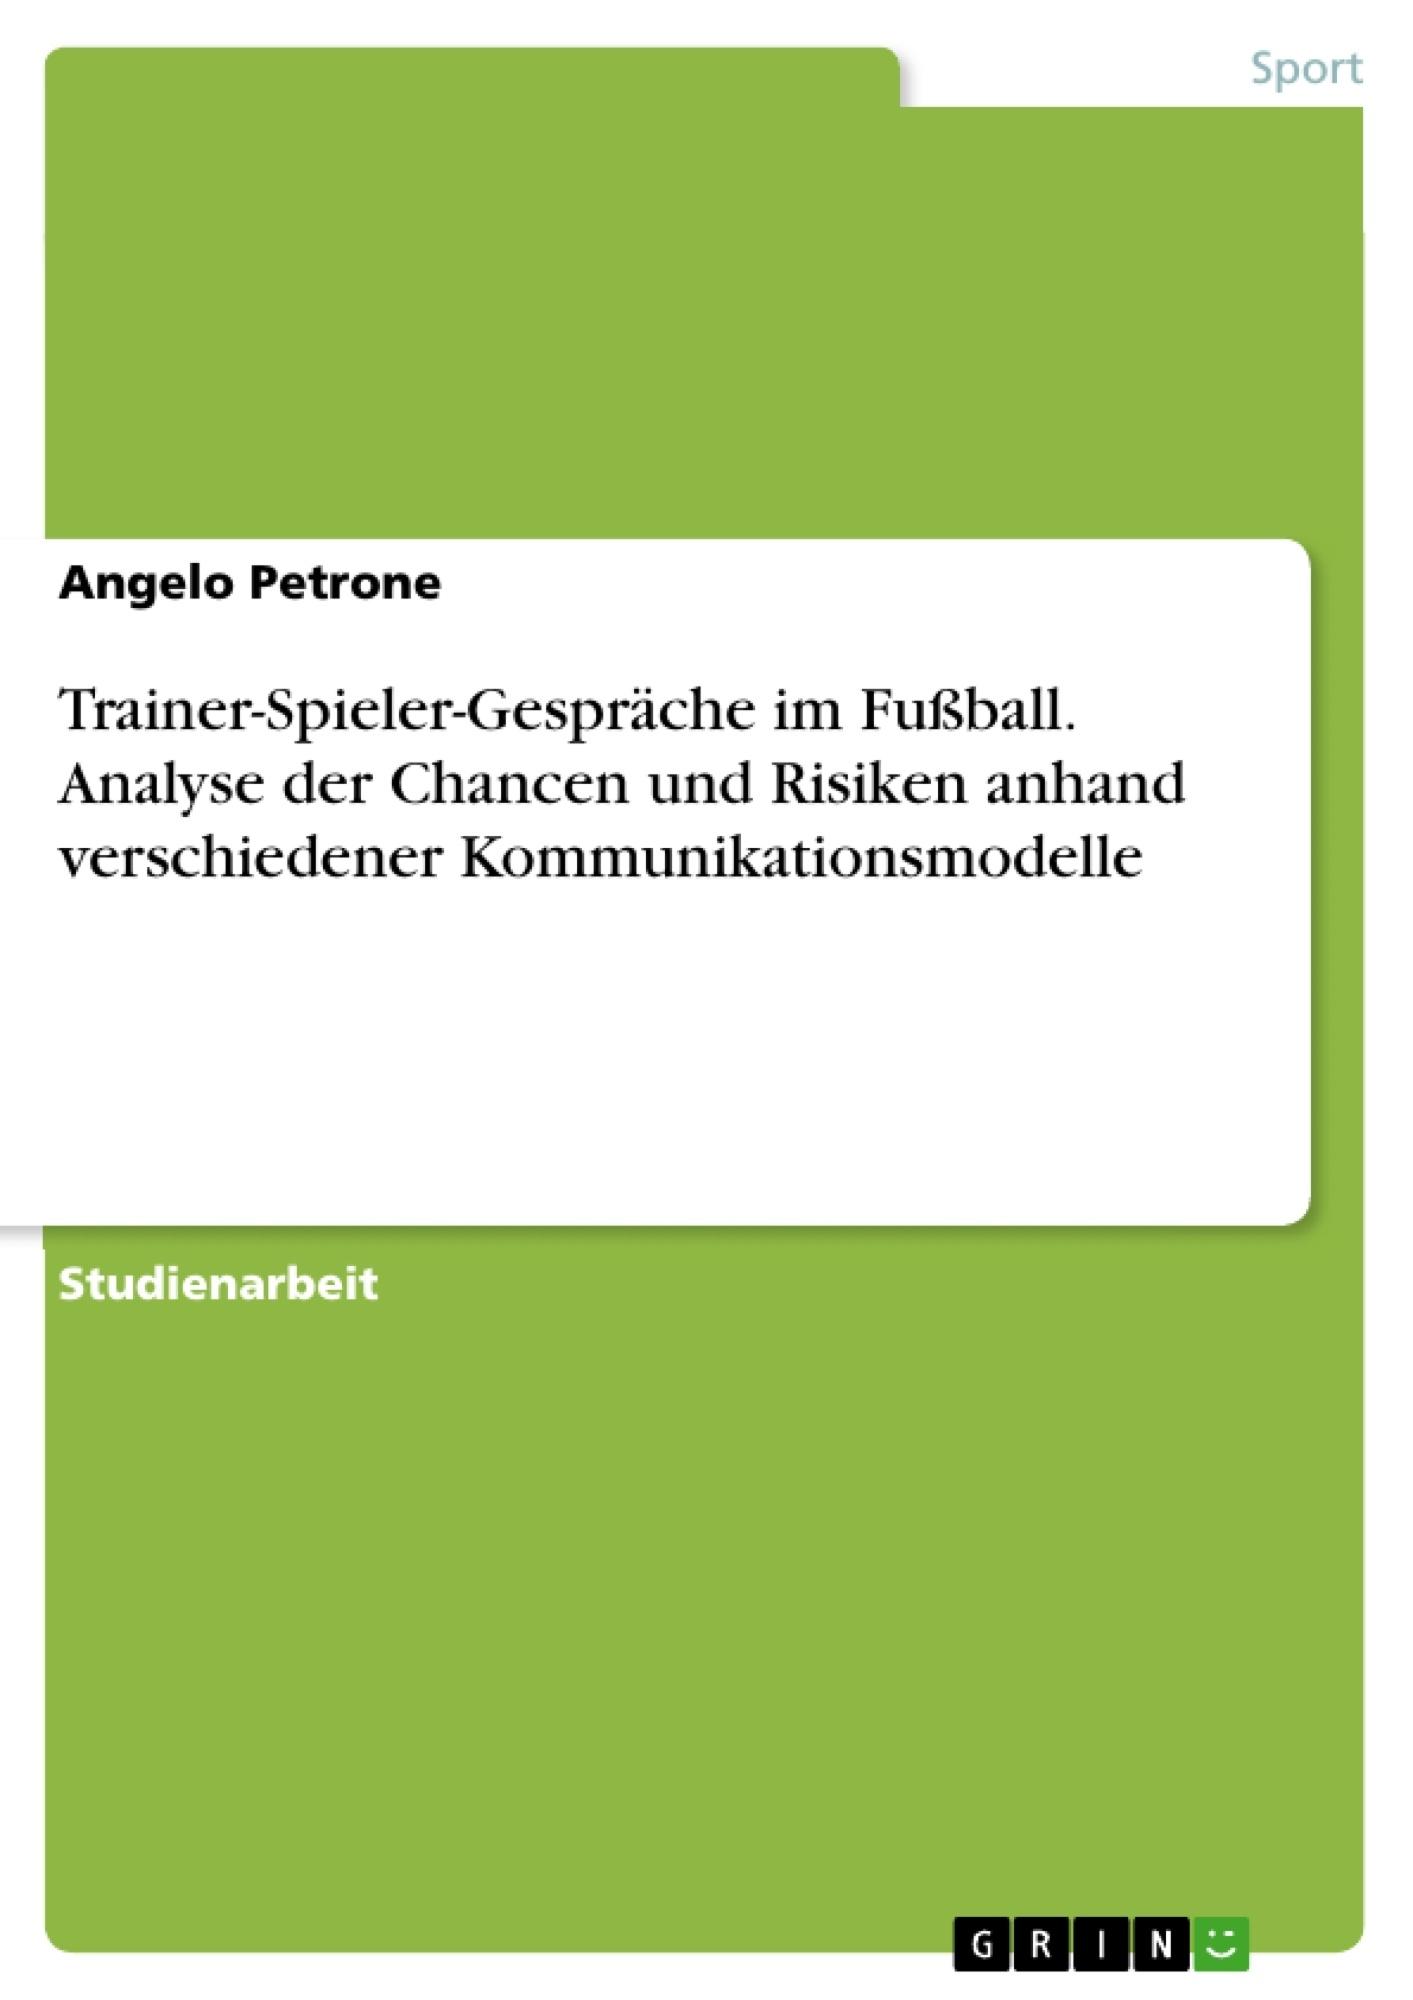 Titel: Trainer-Spieler-Gespräche im Fußball. Analyse der Chancen und Risiken anhand verschiedener Kommunikationsmodelle